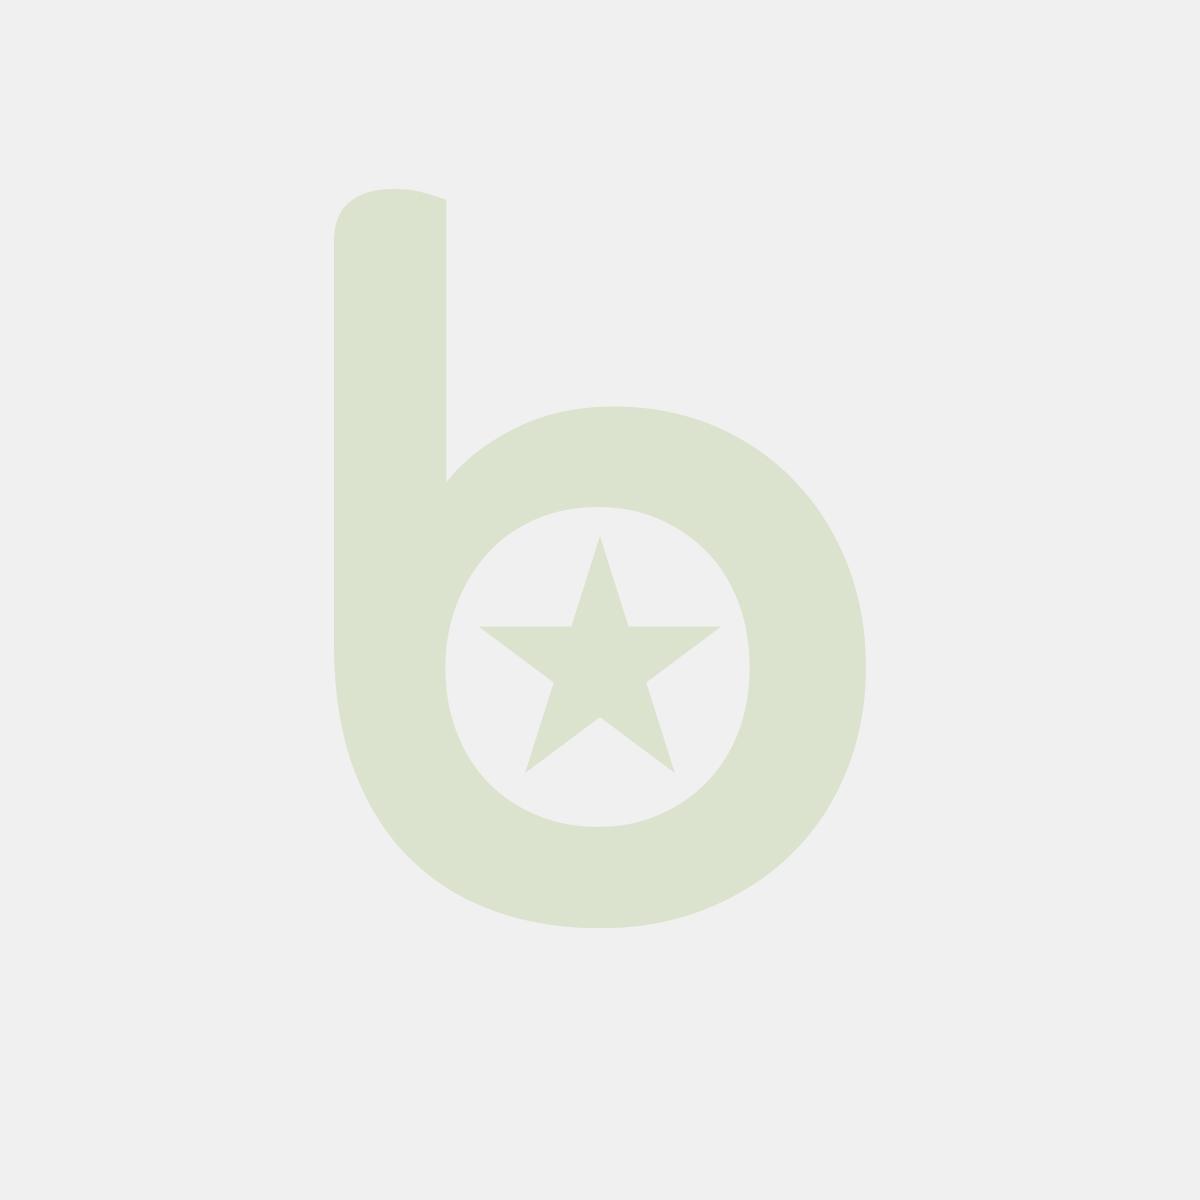 Pojemnik GN 1/1 z chowanymi uchwytami